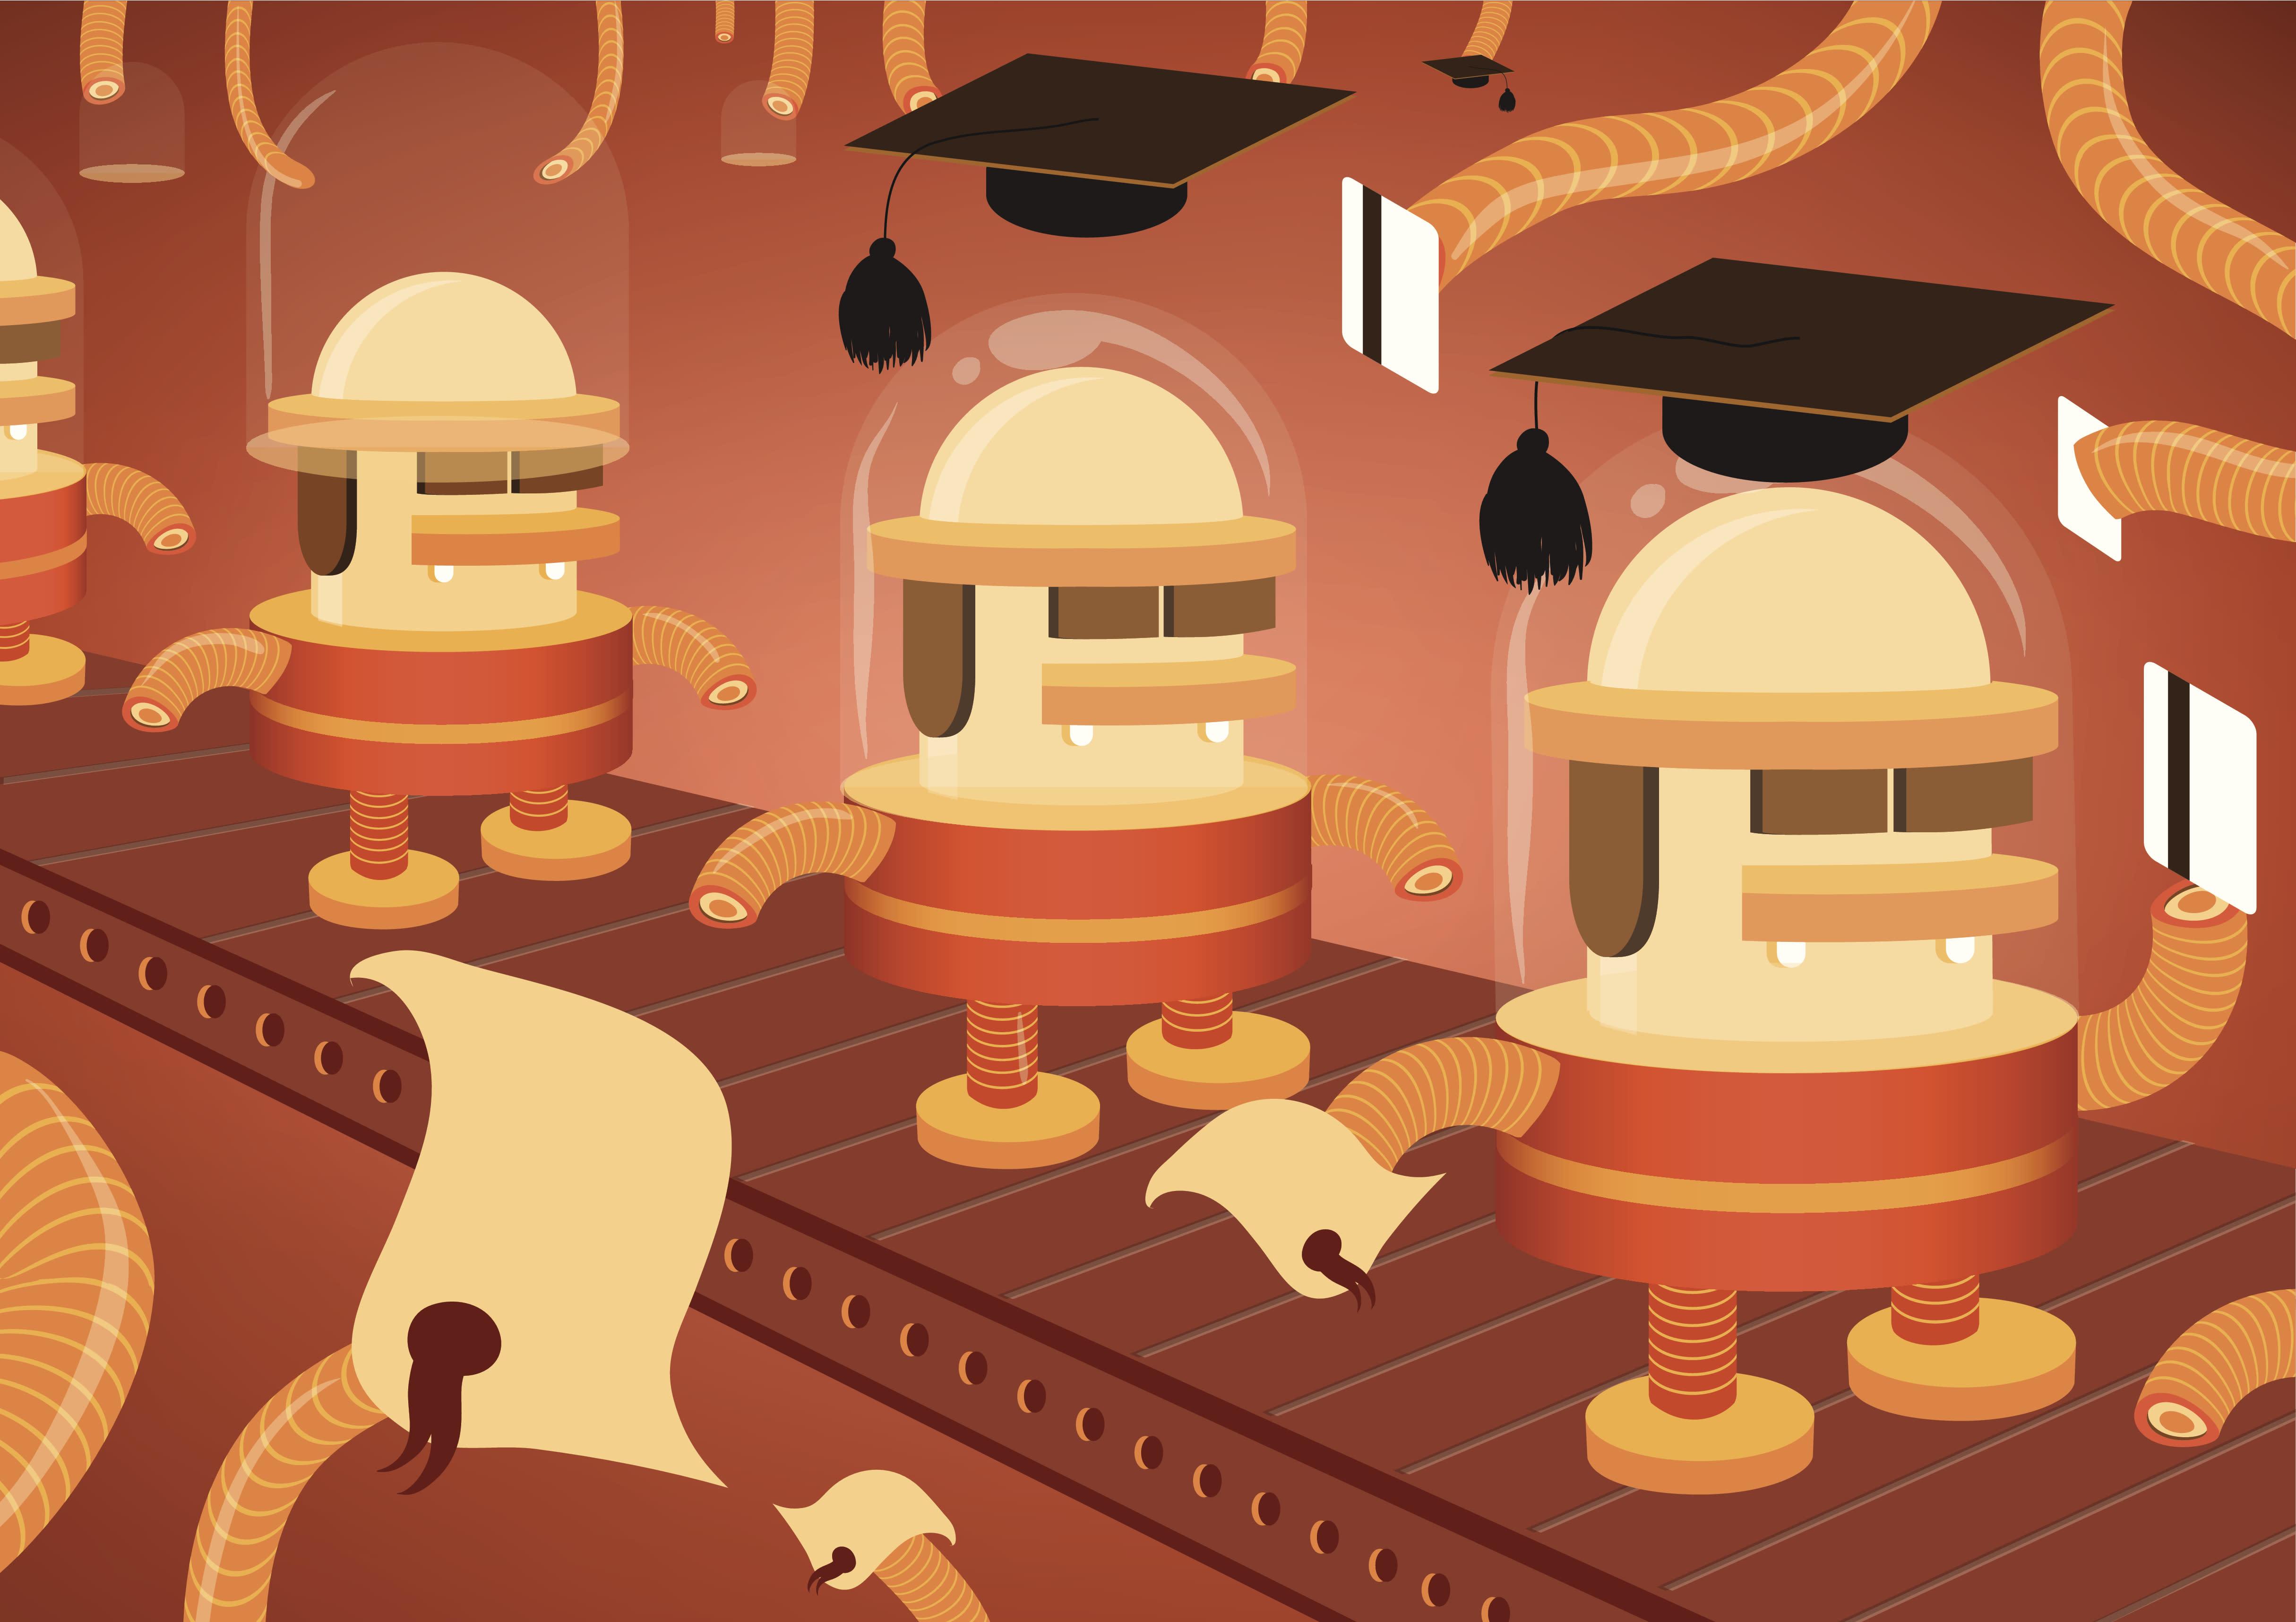 """""""Robots on a conveyor belt, receiving diplomas along with credit cards."""""""